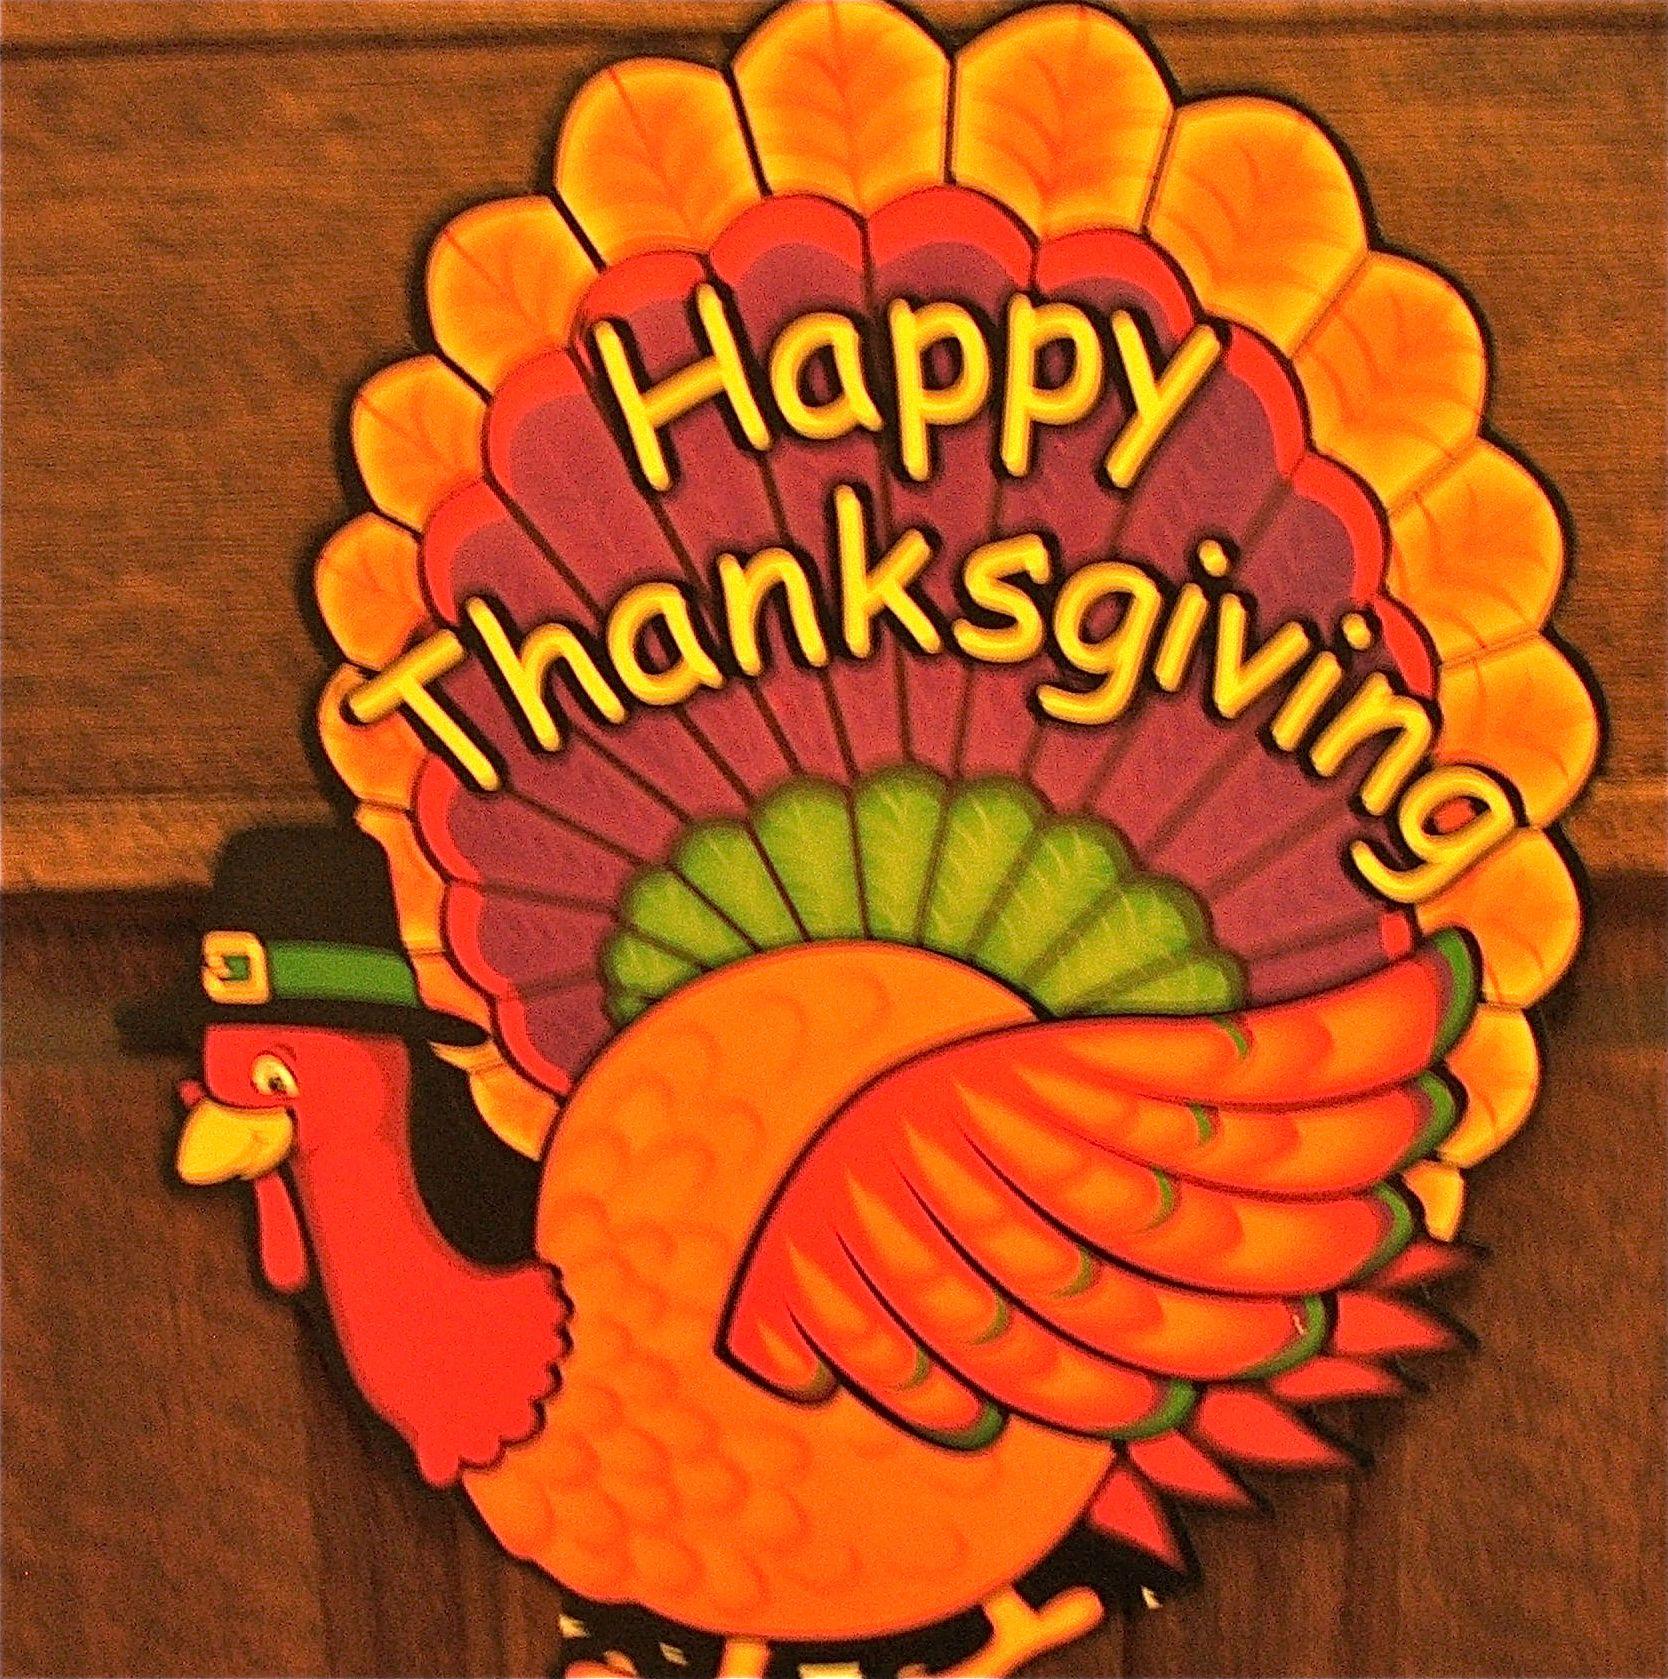 Happy Thanksgiving | Happy Thanksgiving | thangiving | Pinterest ...